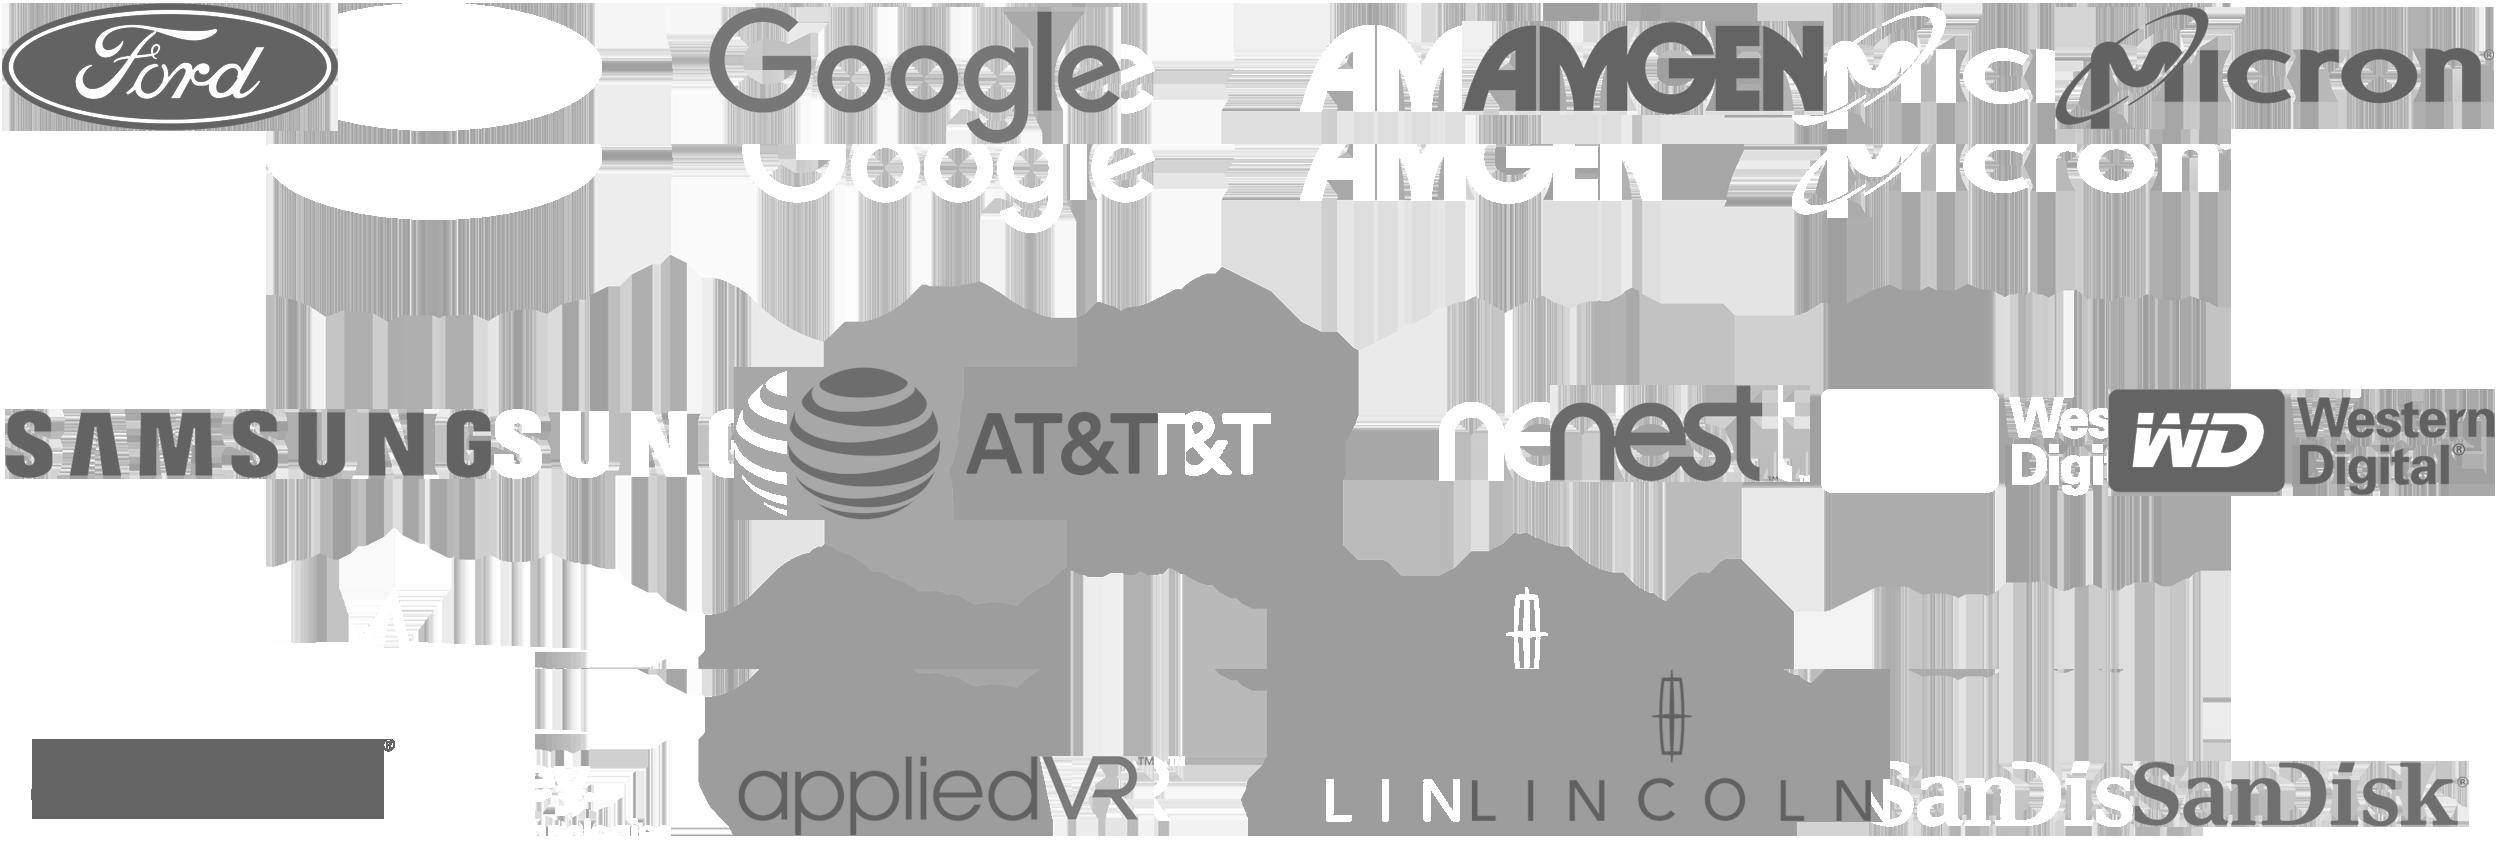 logos0919.png